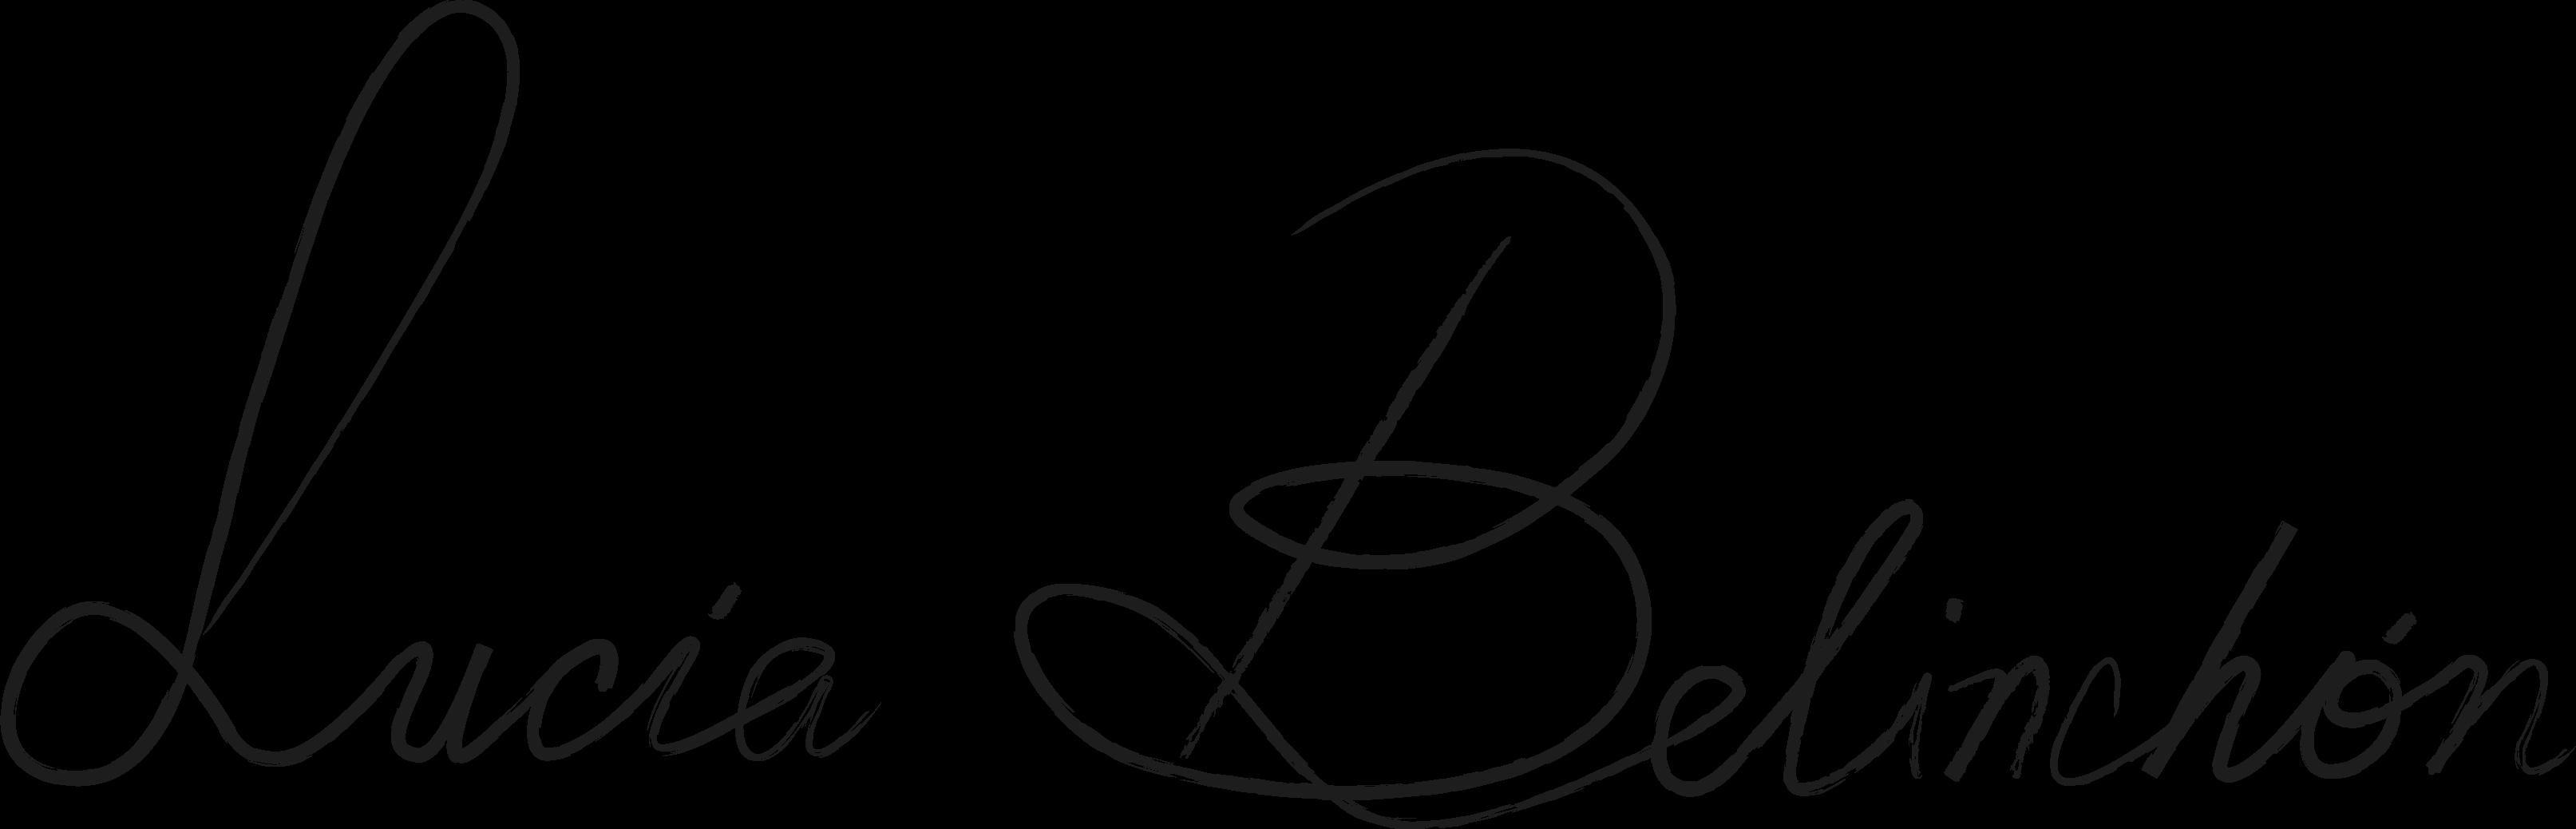 Lucia Belinchon Signature